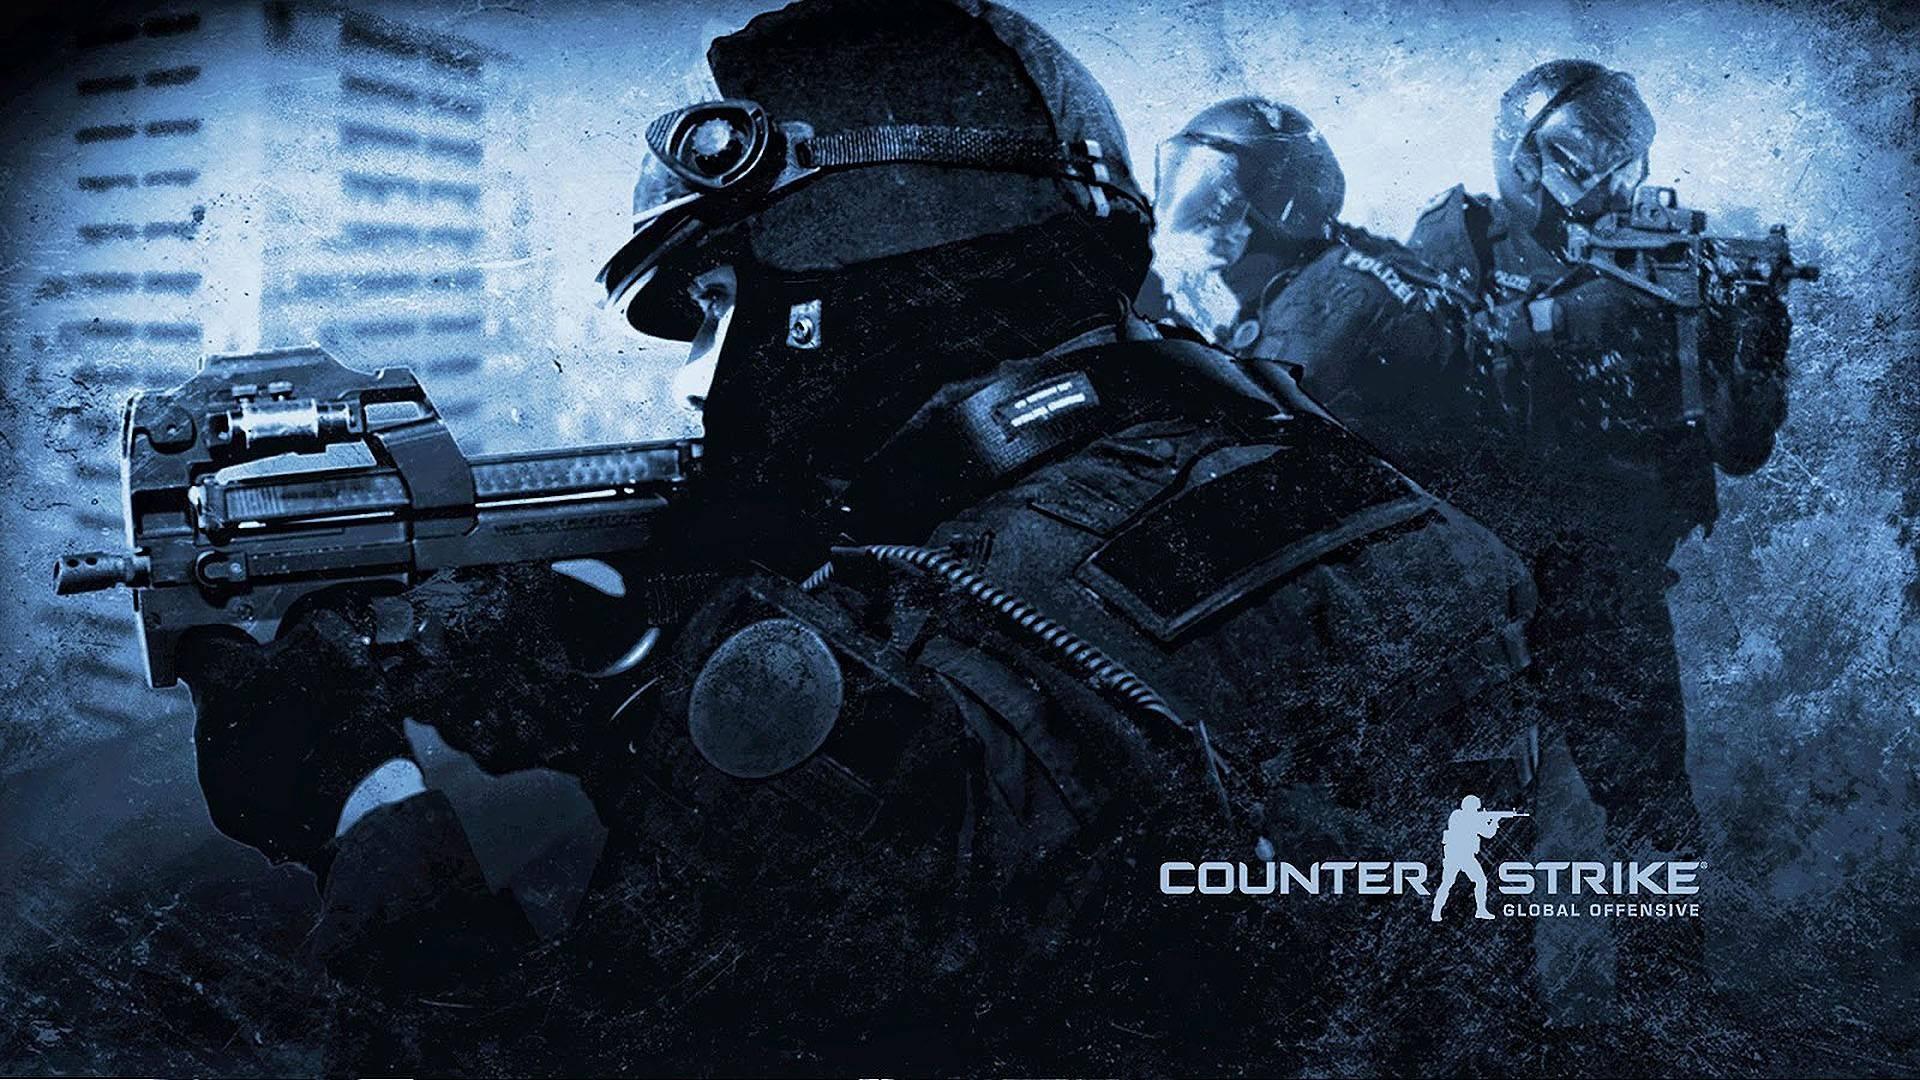 Counter Strike 19201080 Wallpaper 2388558 1920x1080